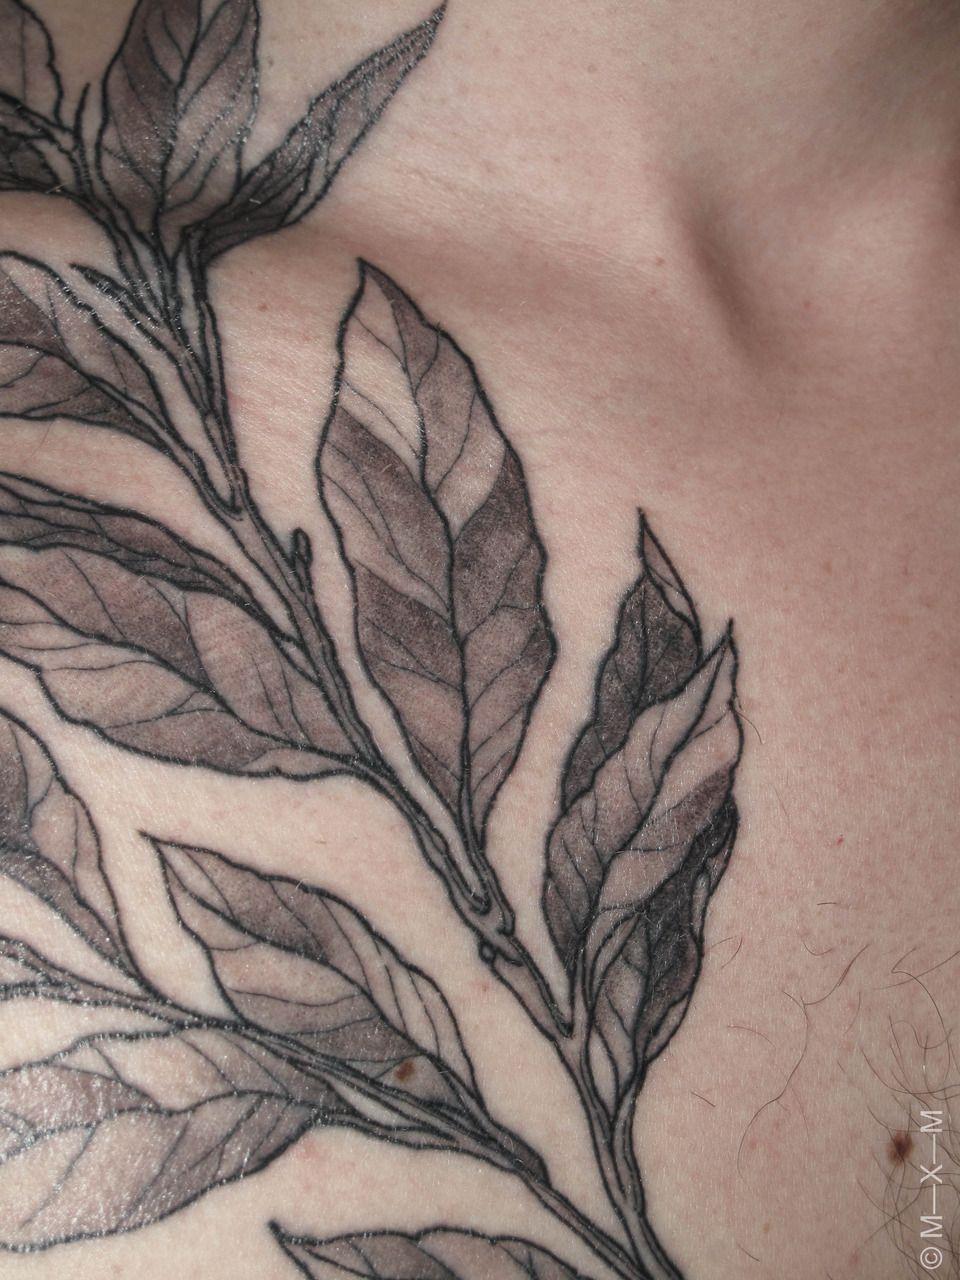 Dot shading tattoo inspiration tattoos maple leaf tattoo